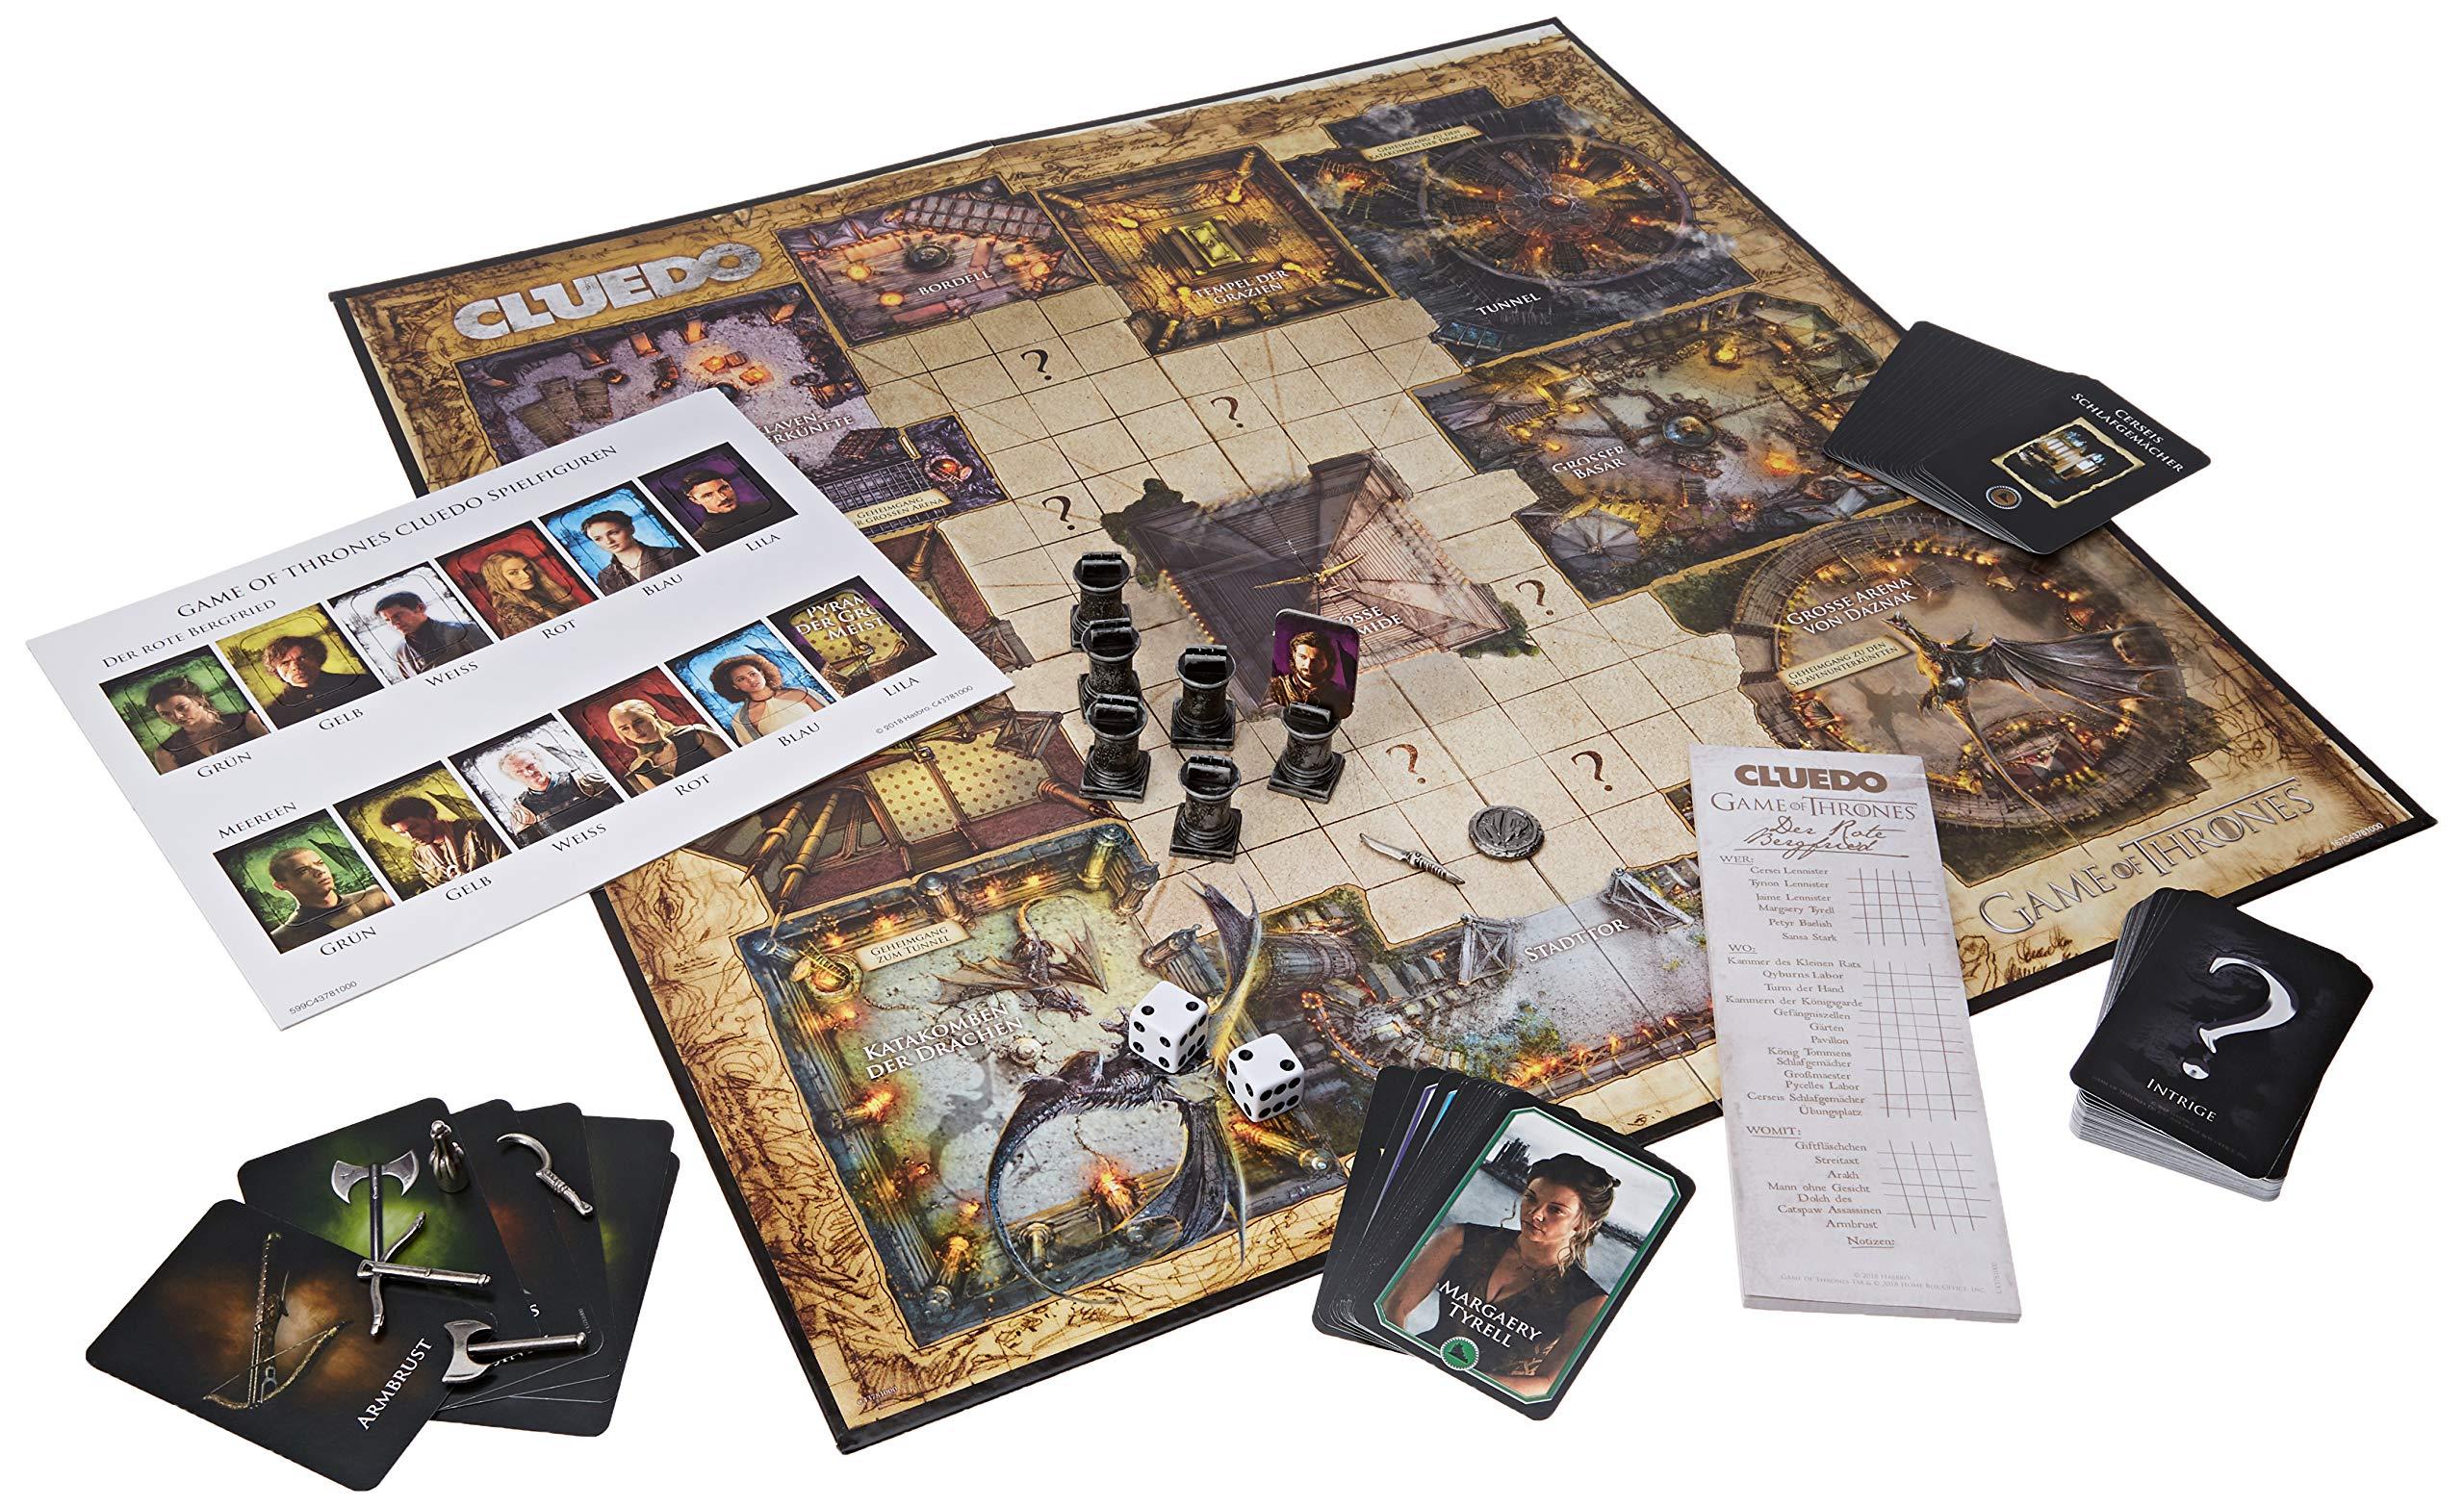 Cluedo Game of Thrones Collectors Edition: Amazon.es: Winning, Moves: Libros en idiomas extranjeros